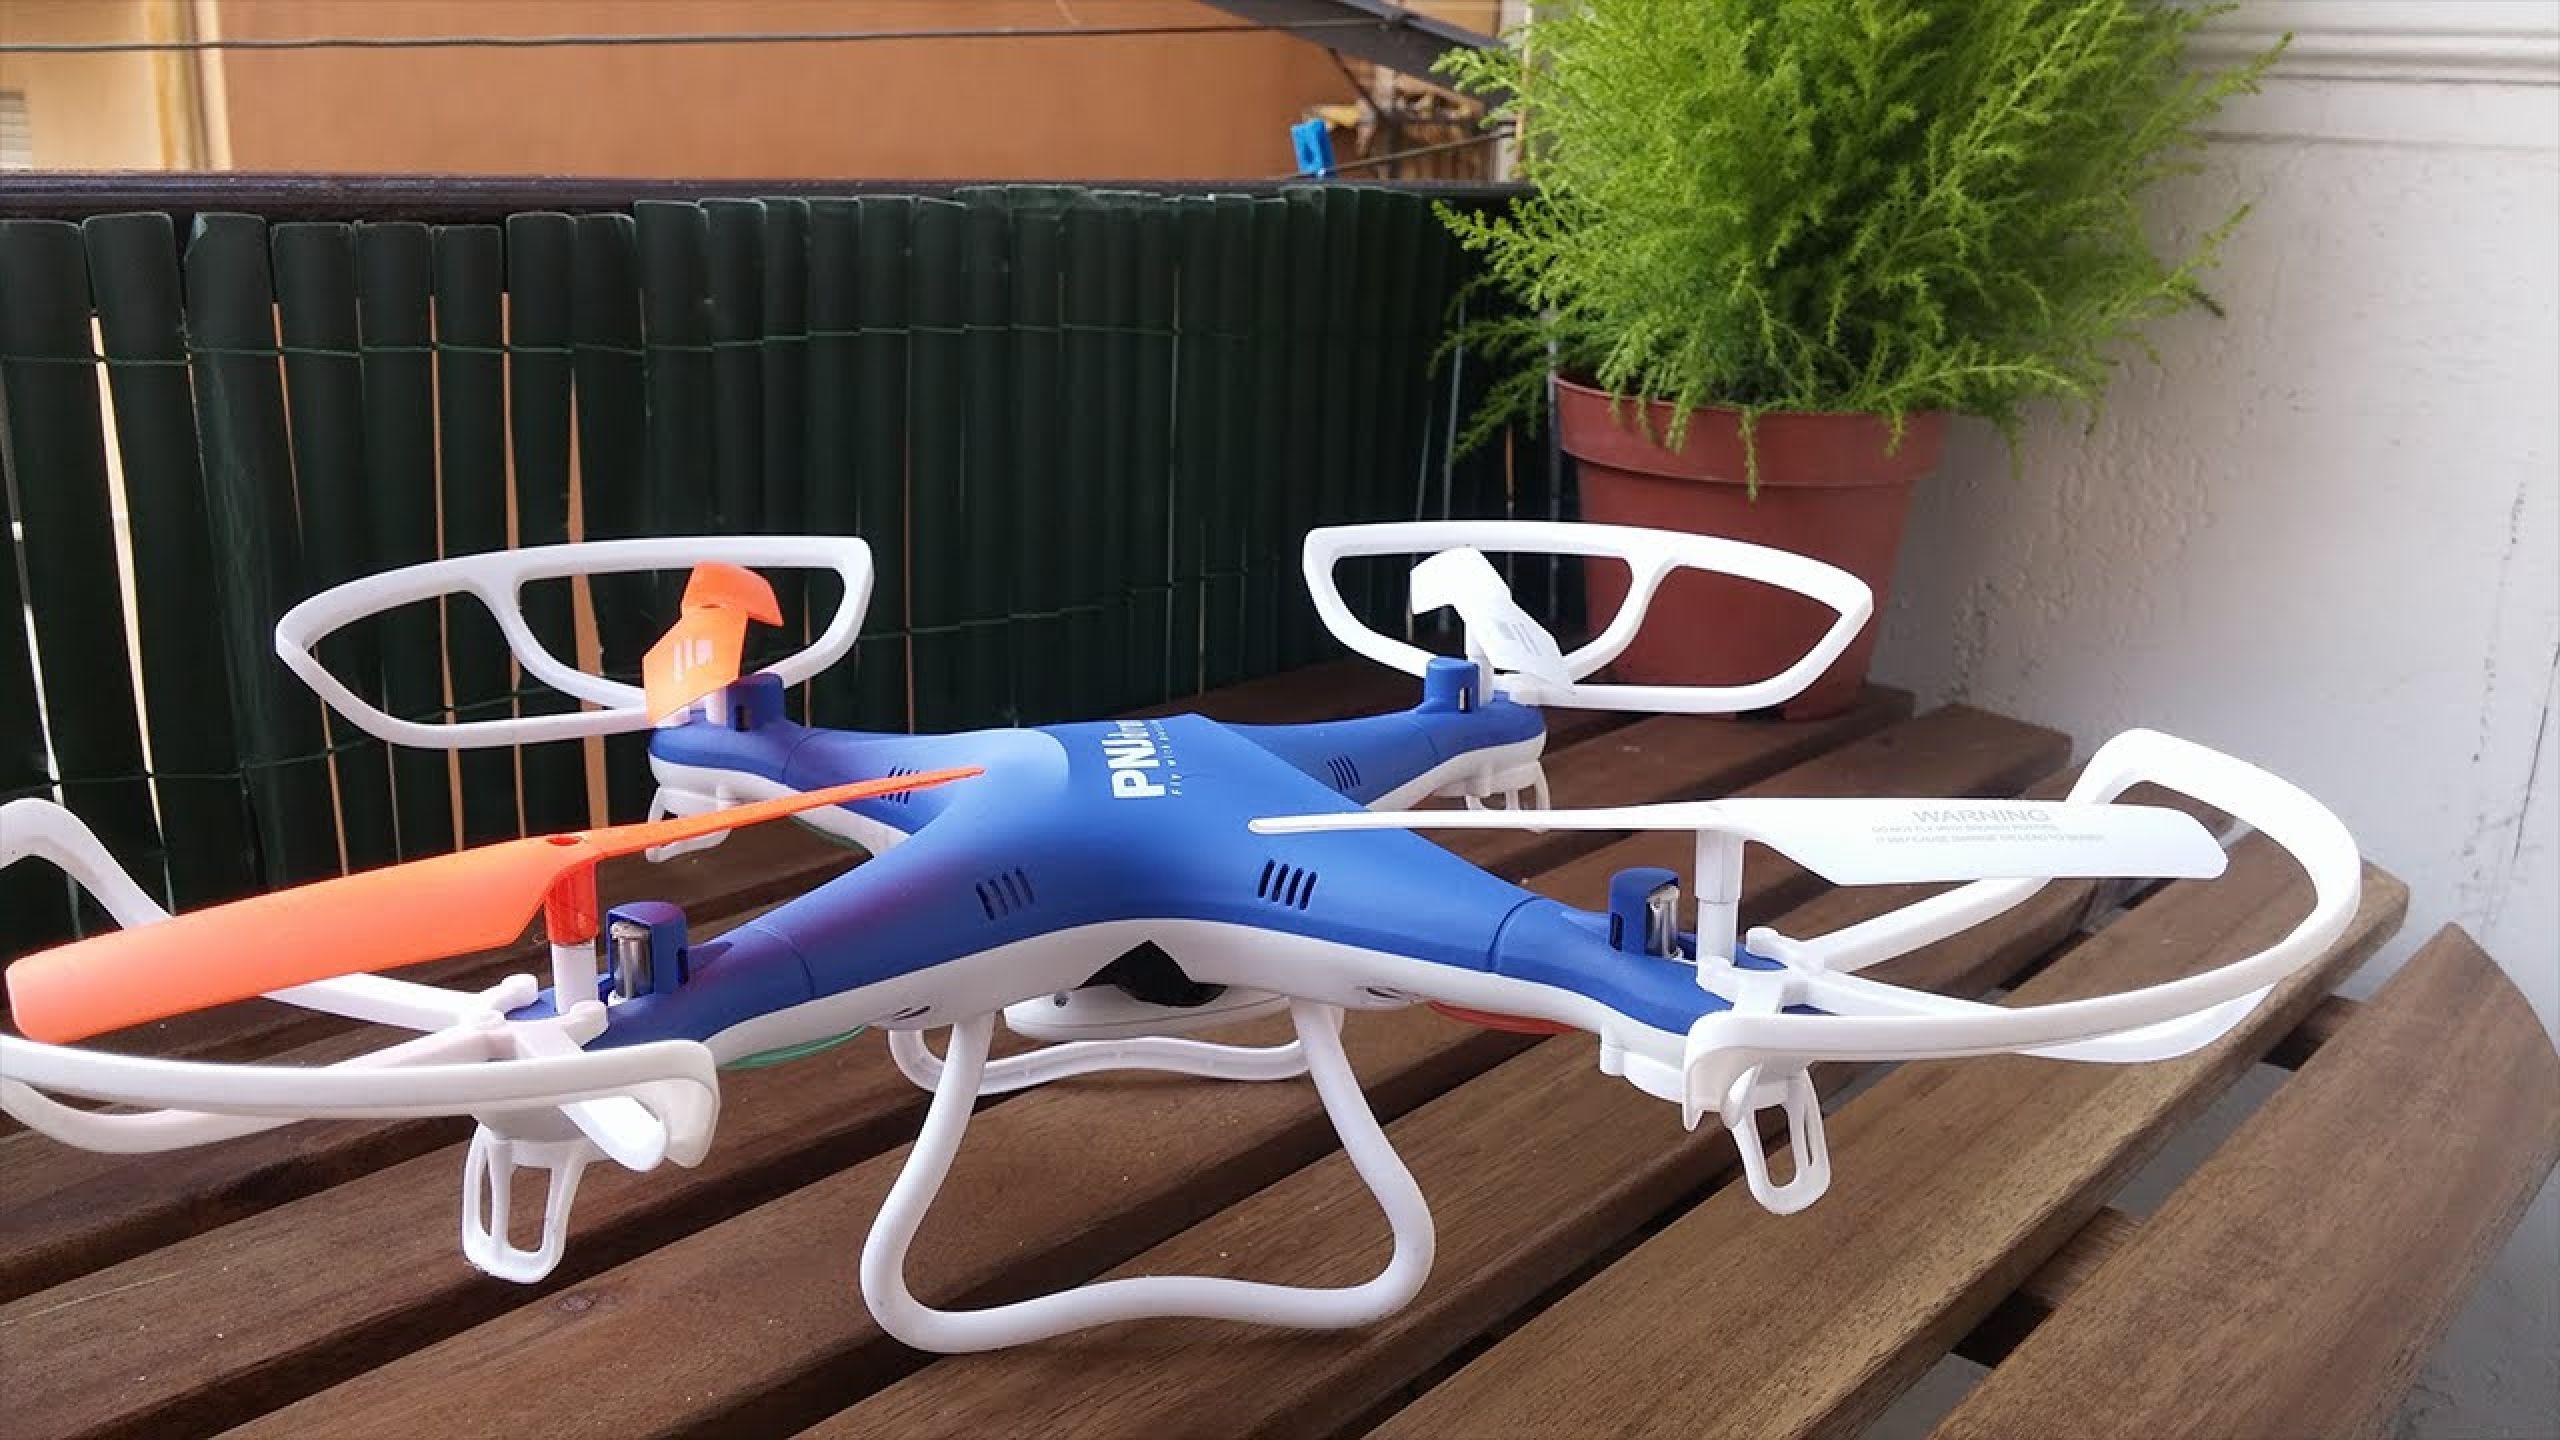 Présentation du PNJ Drone Smart Wing